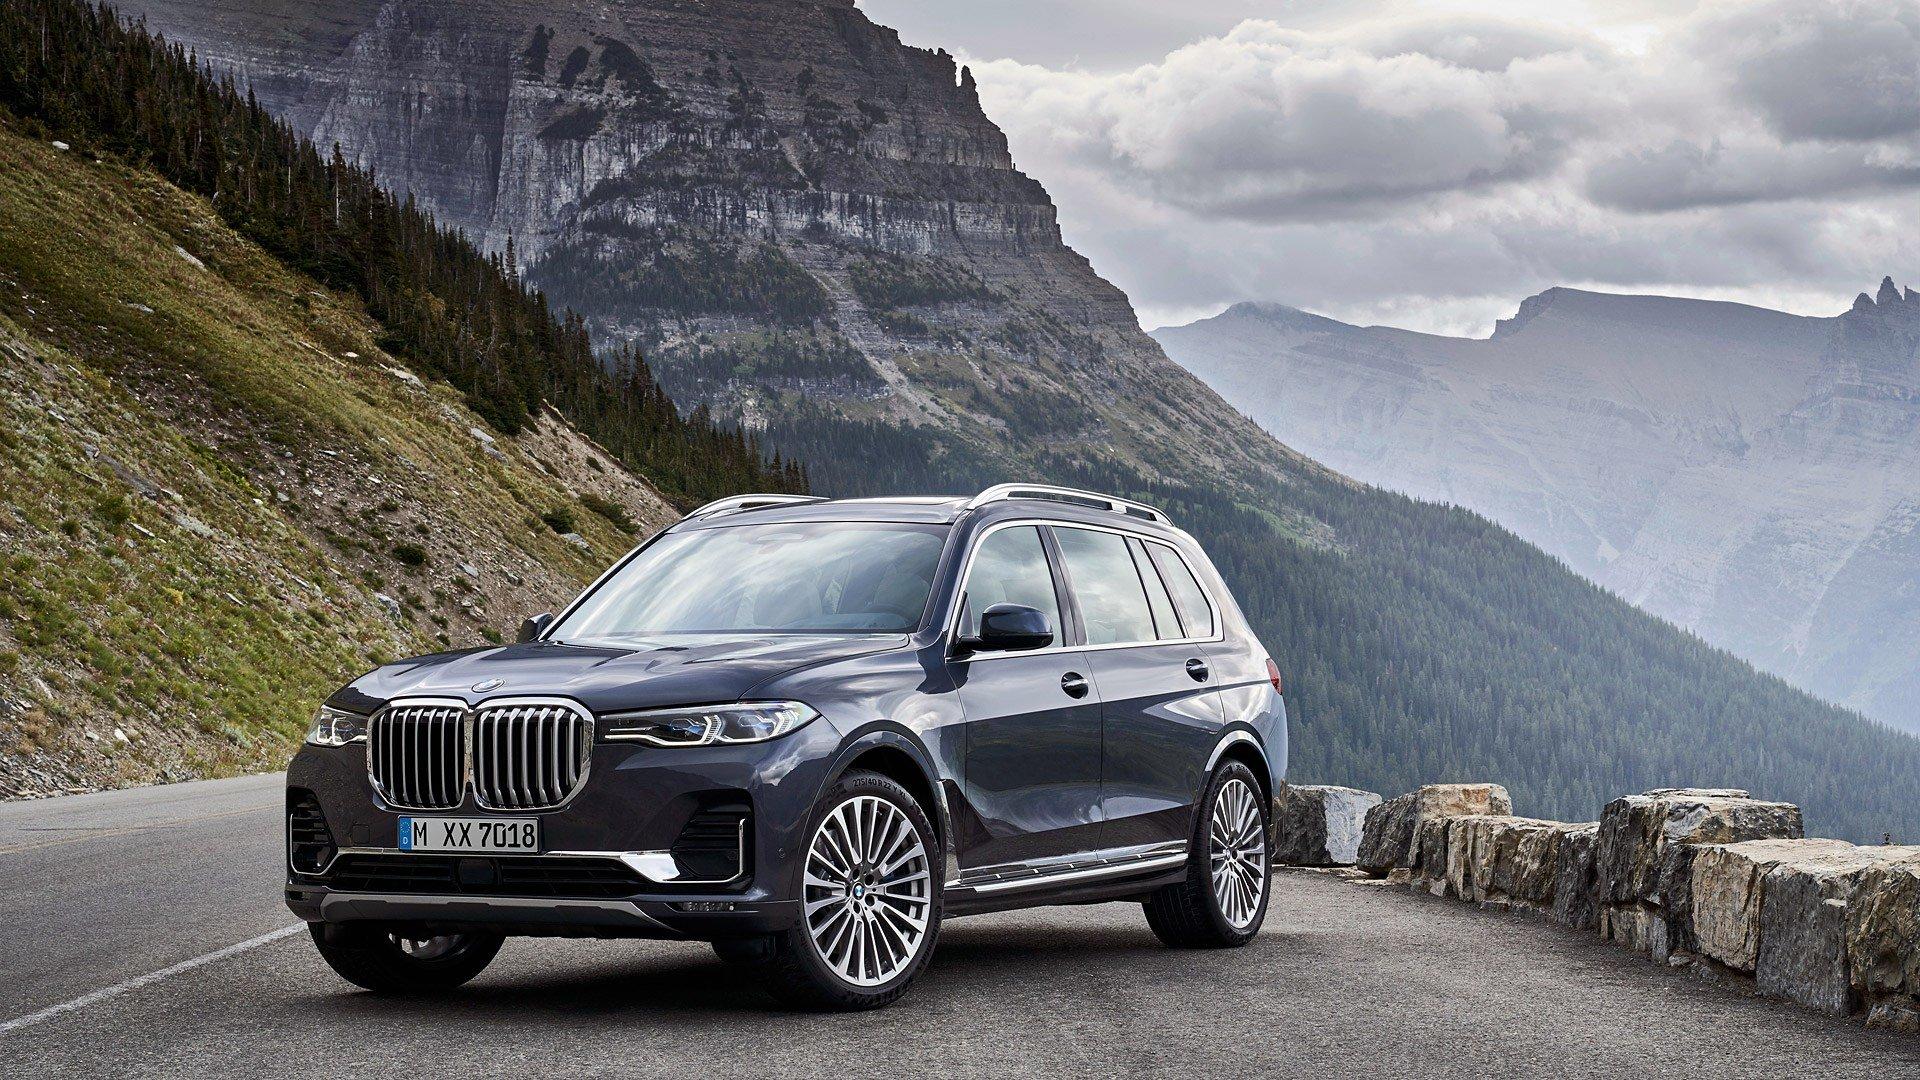 2020 BMW X7 Toronto